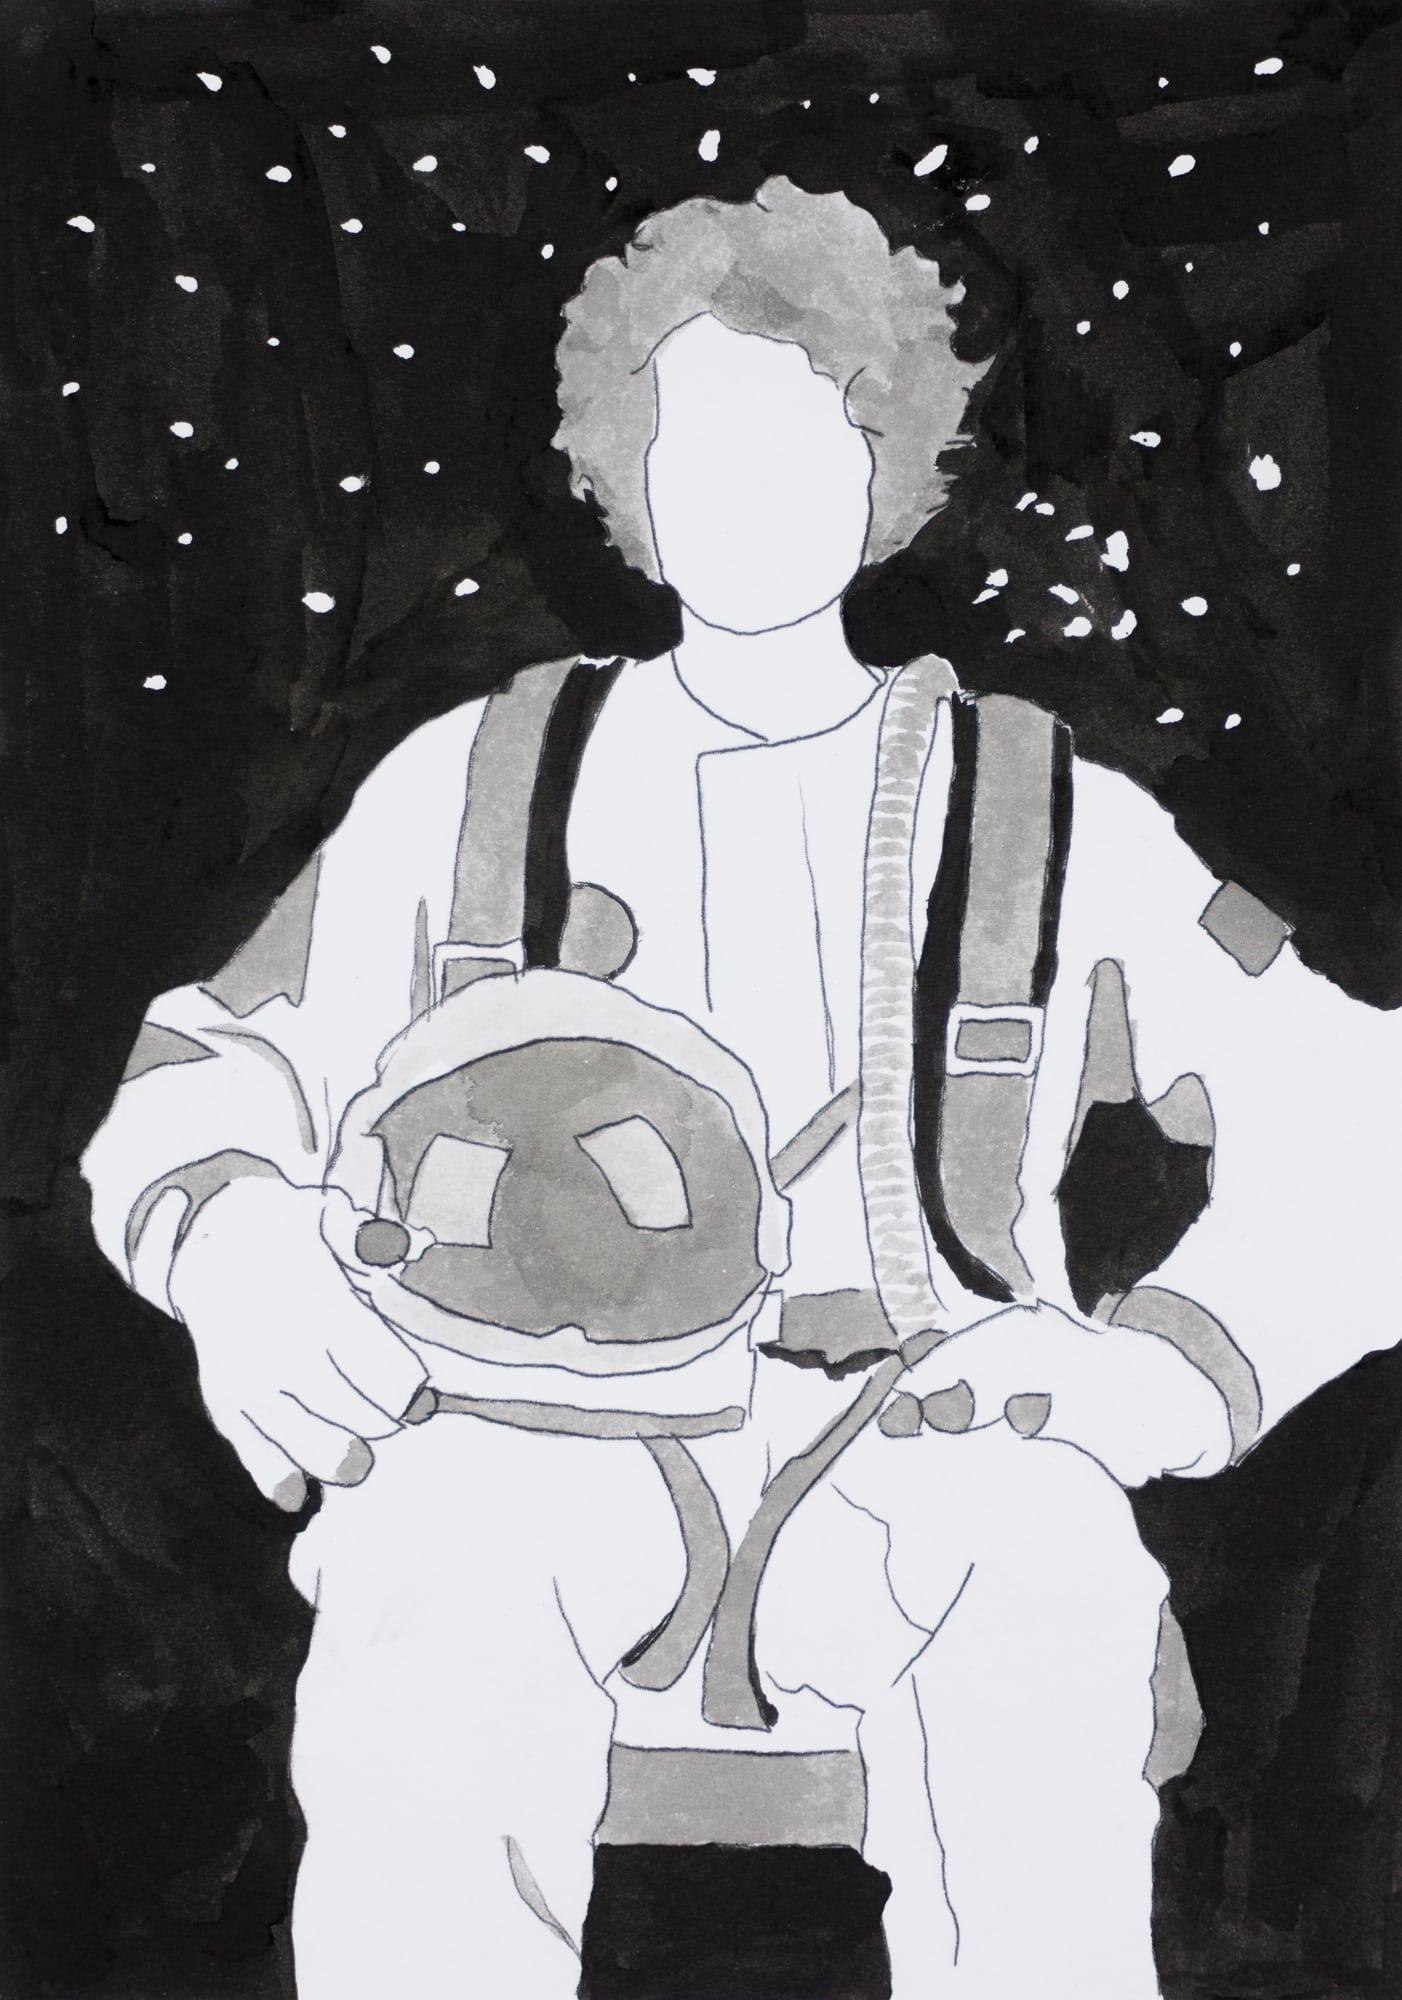 Zeichnung, Tusche auf Papier, 14,8x21cm, Astronaut, Künstlerin: Franziska King